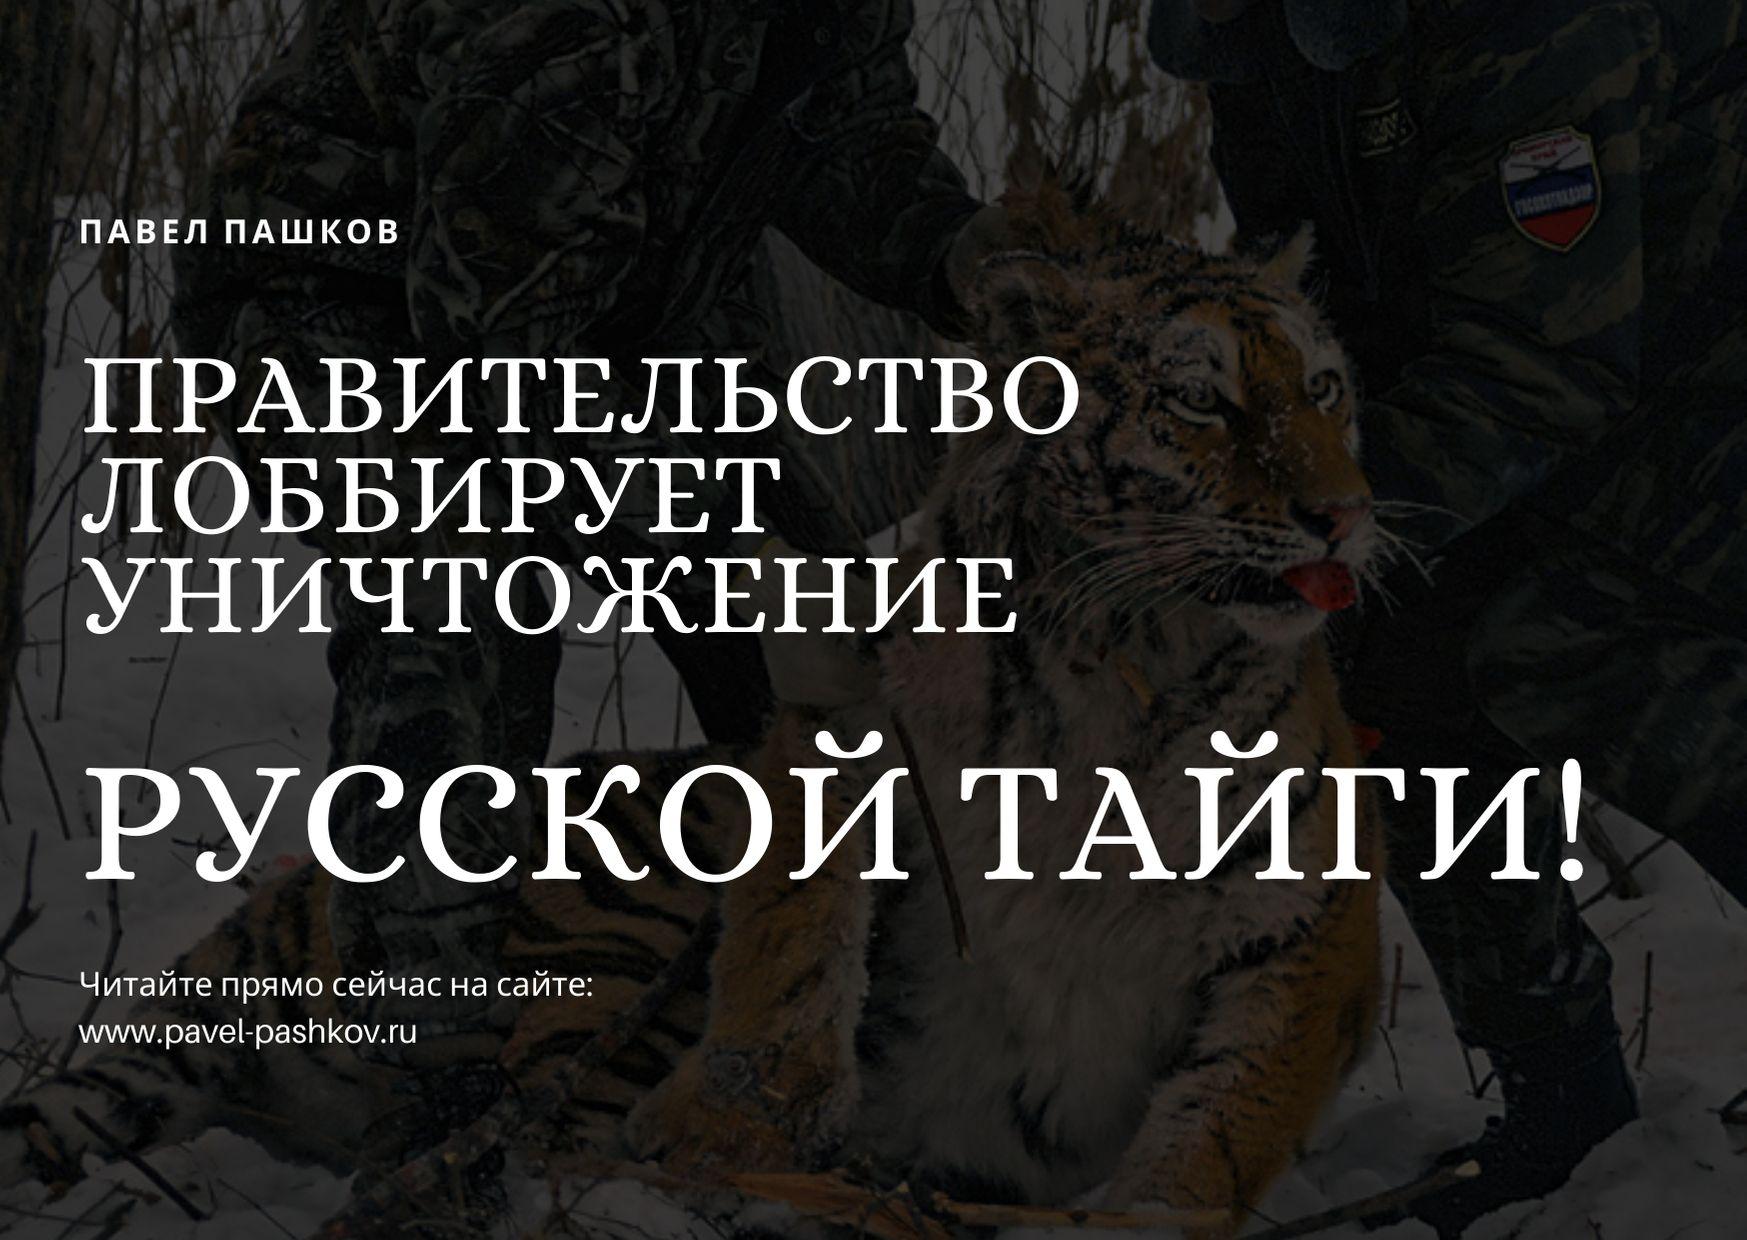 Правительство пытается окончательно уничтожить Русскую Тайгу!